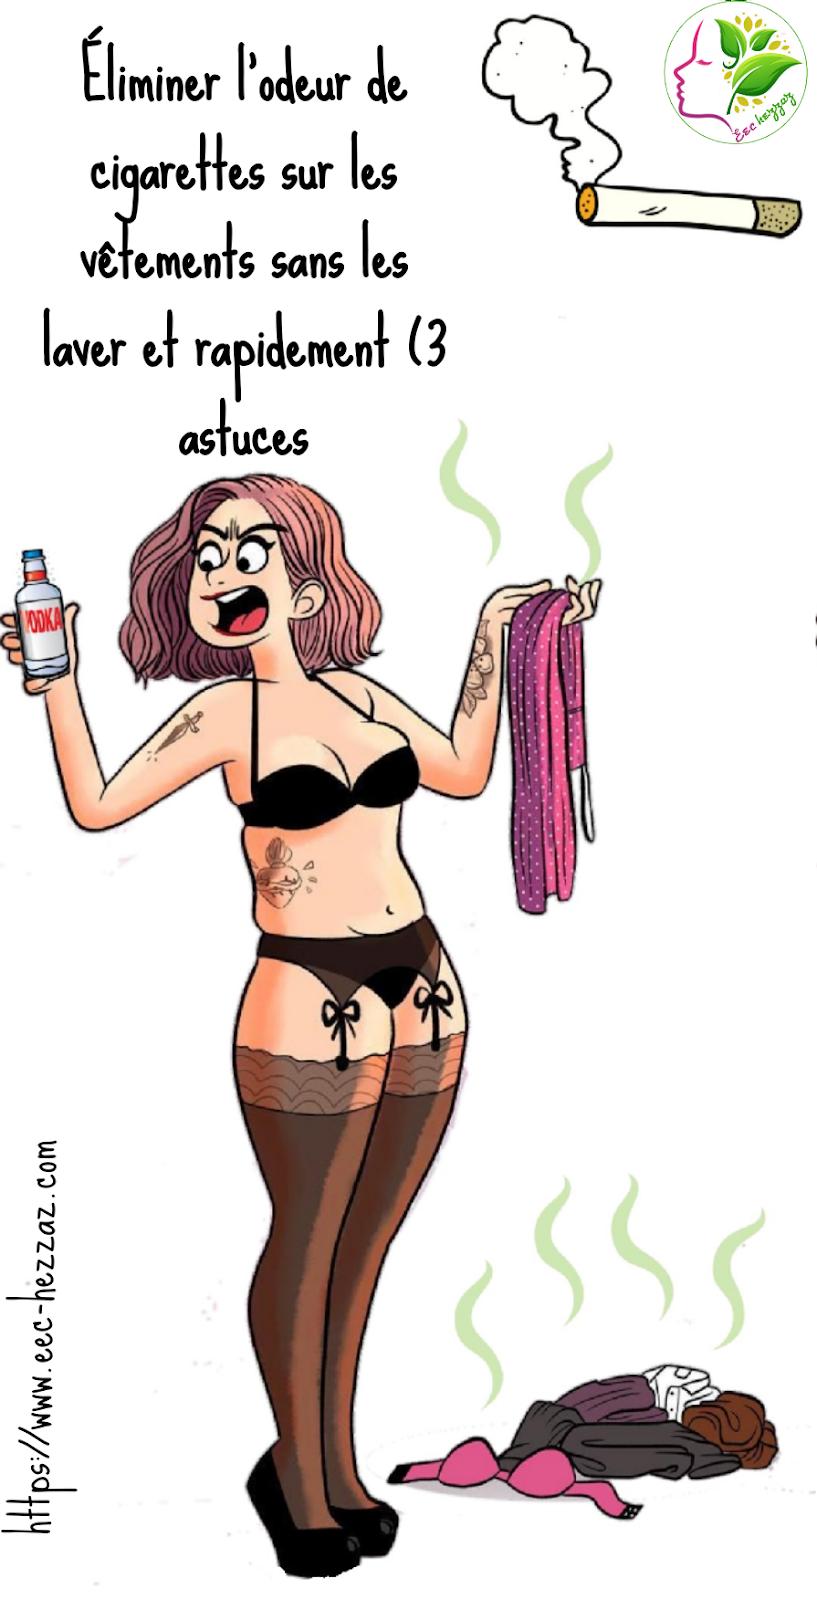 Éliminer l'odeur de cigarettes sur les vêtements sans les laver et rapidement (3 astuces